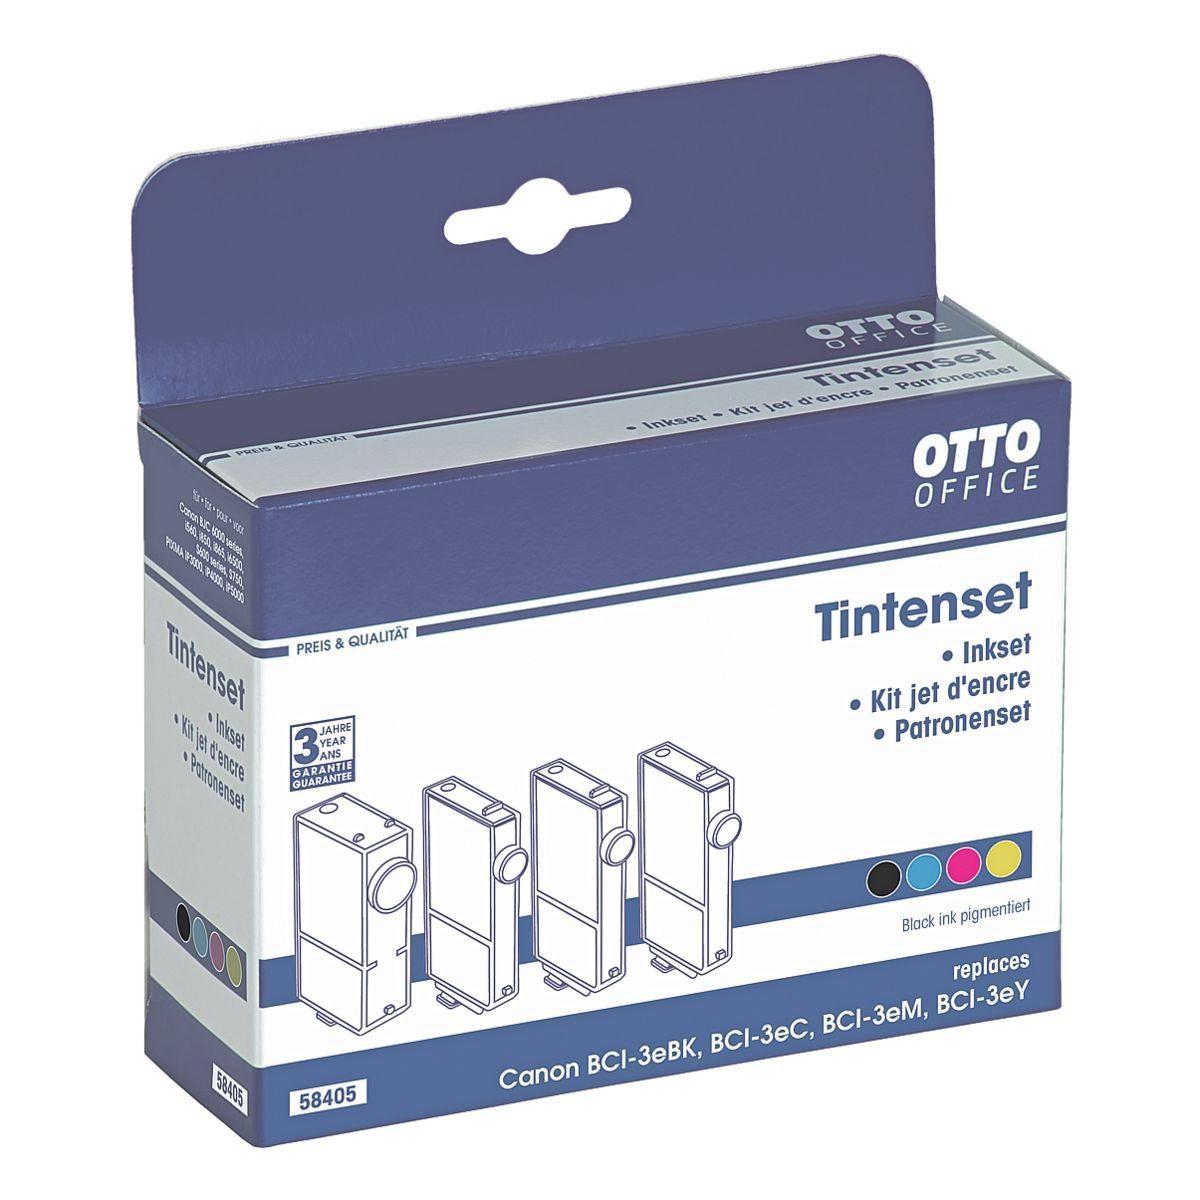 OTTO Office Standard Tintenpatronen-Set ersetzt Canon »BCI-3e«